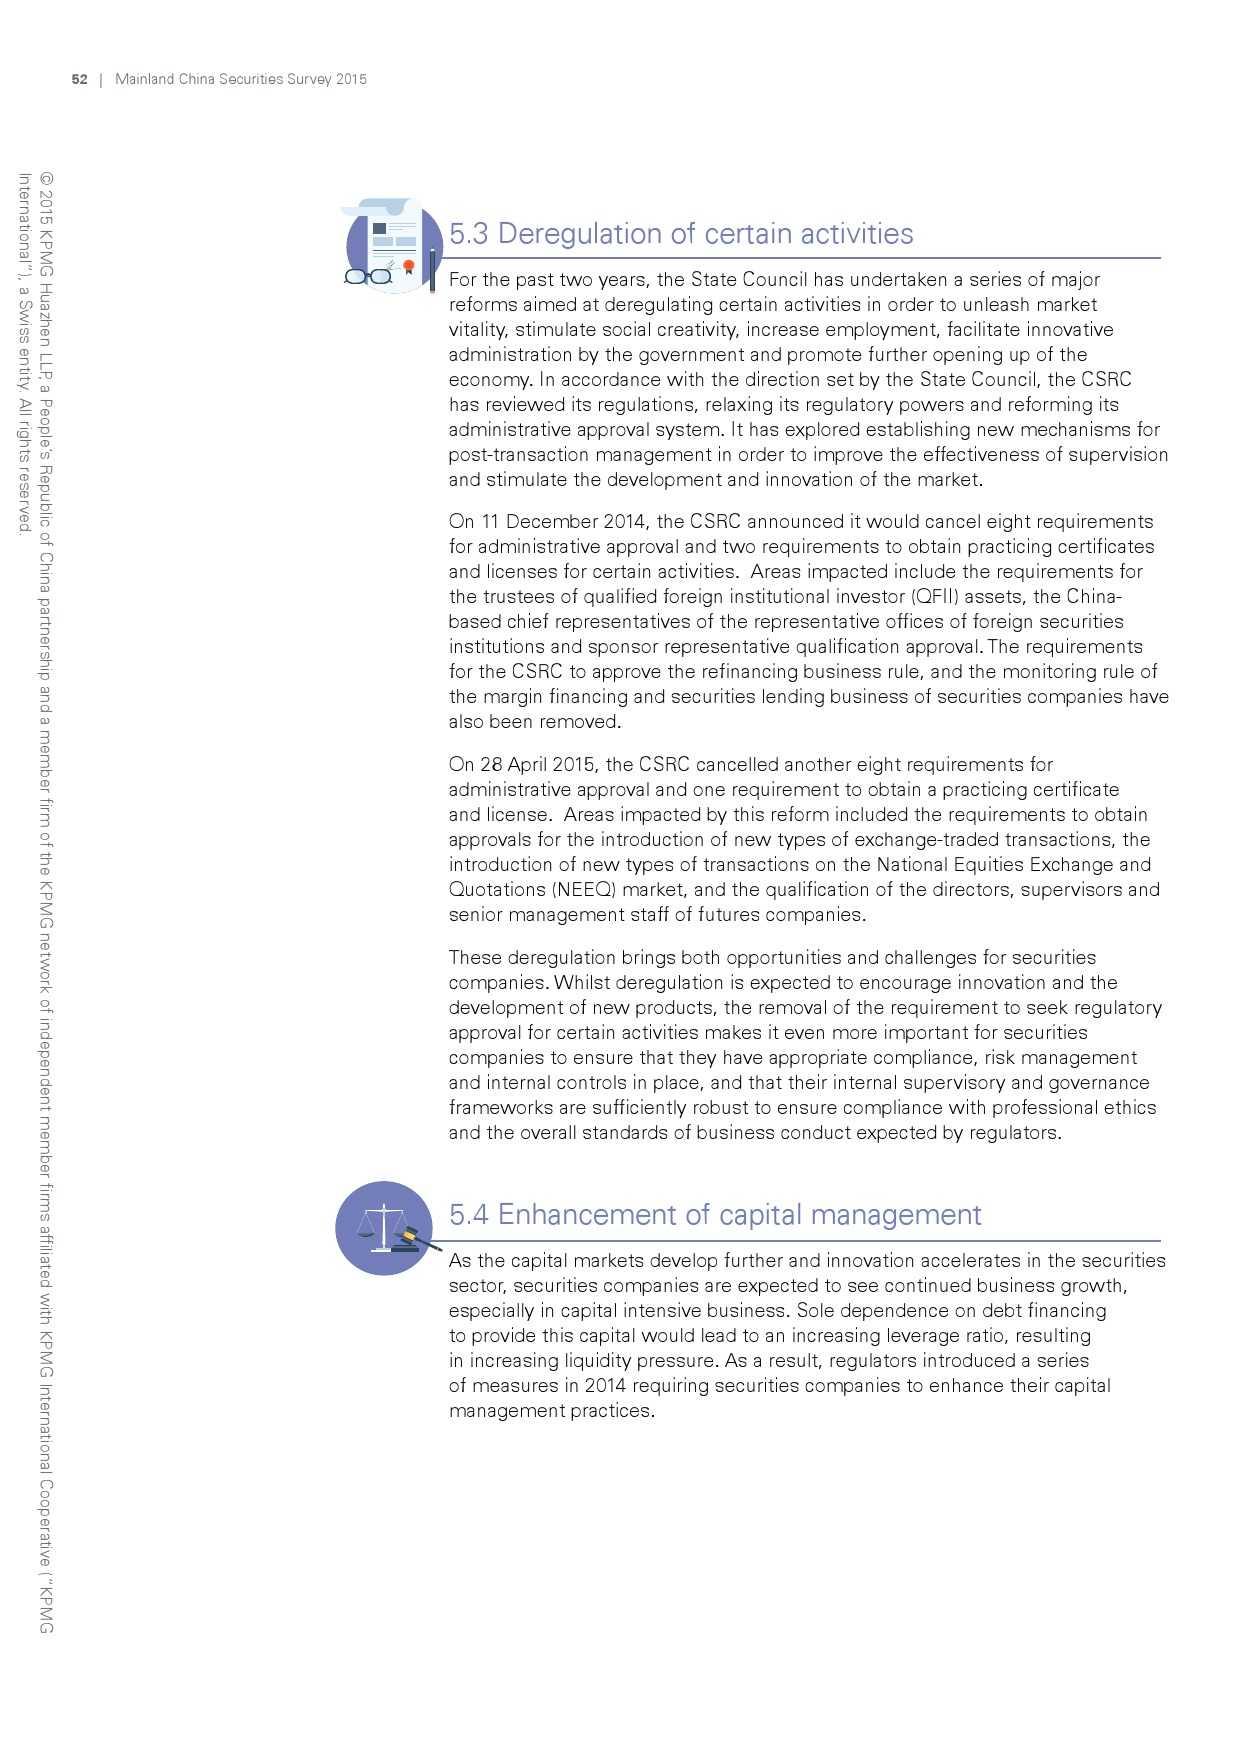 毕马威:2015年中国证券业调查报告_000054